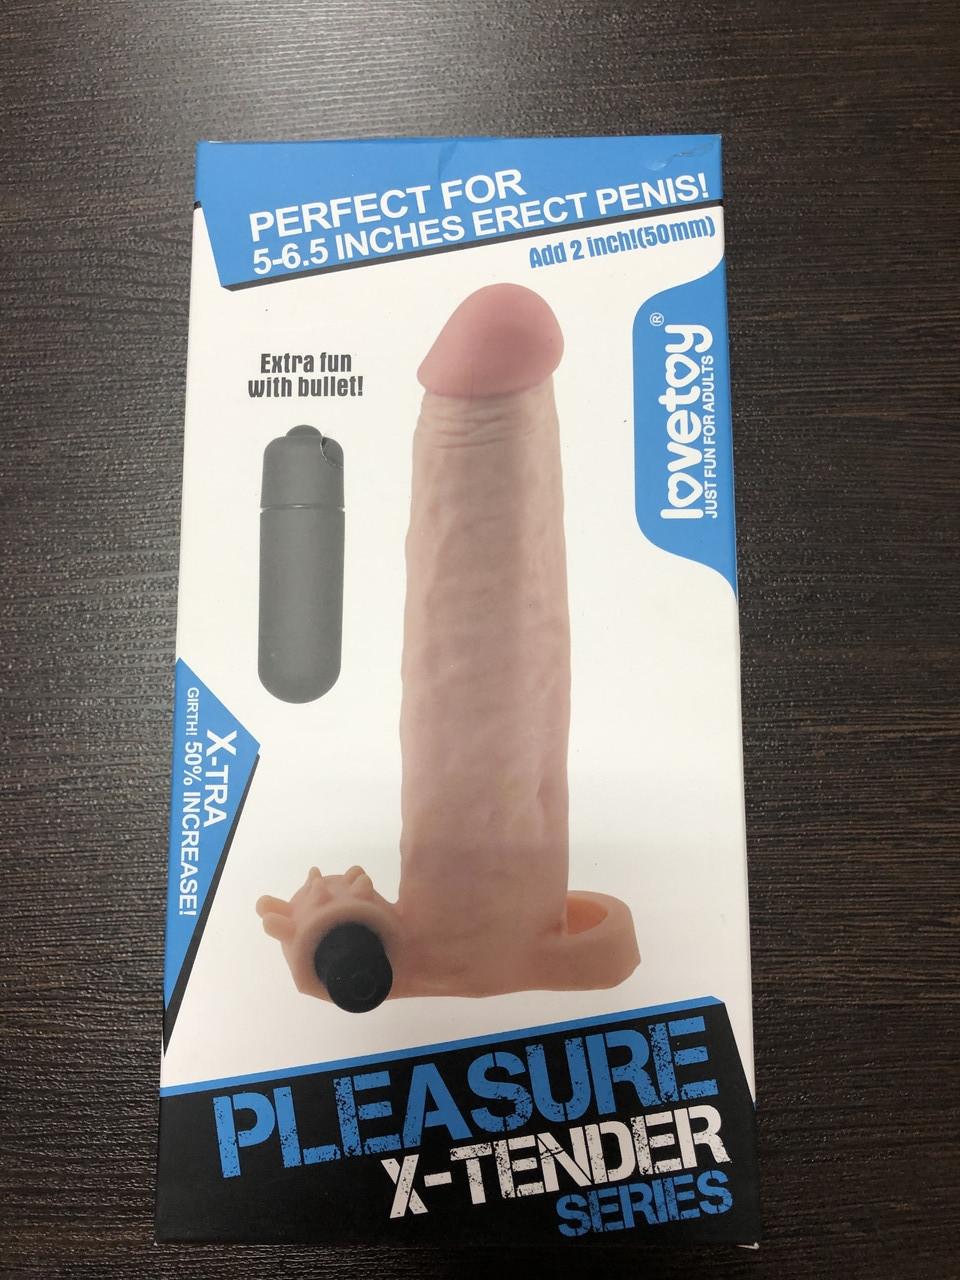 """Насадка-удлинитель пениса +5.0 см, с вибрацией """"PLEASURE X-TENDER SERIES"""", LOVETOY, цвет телесный"""